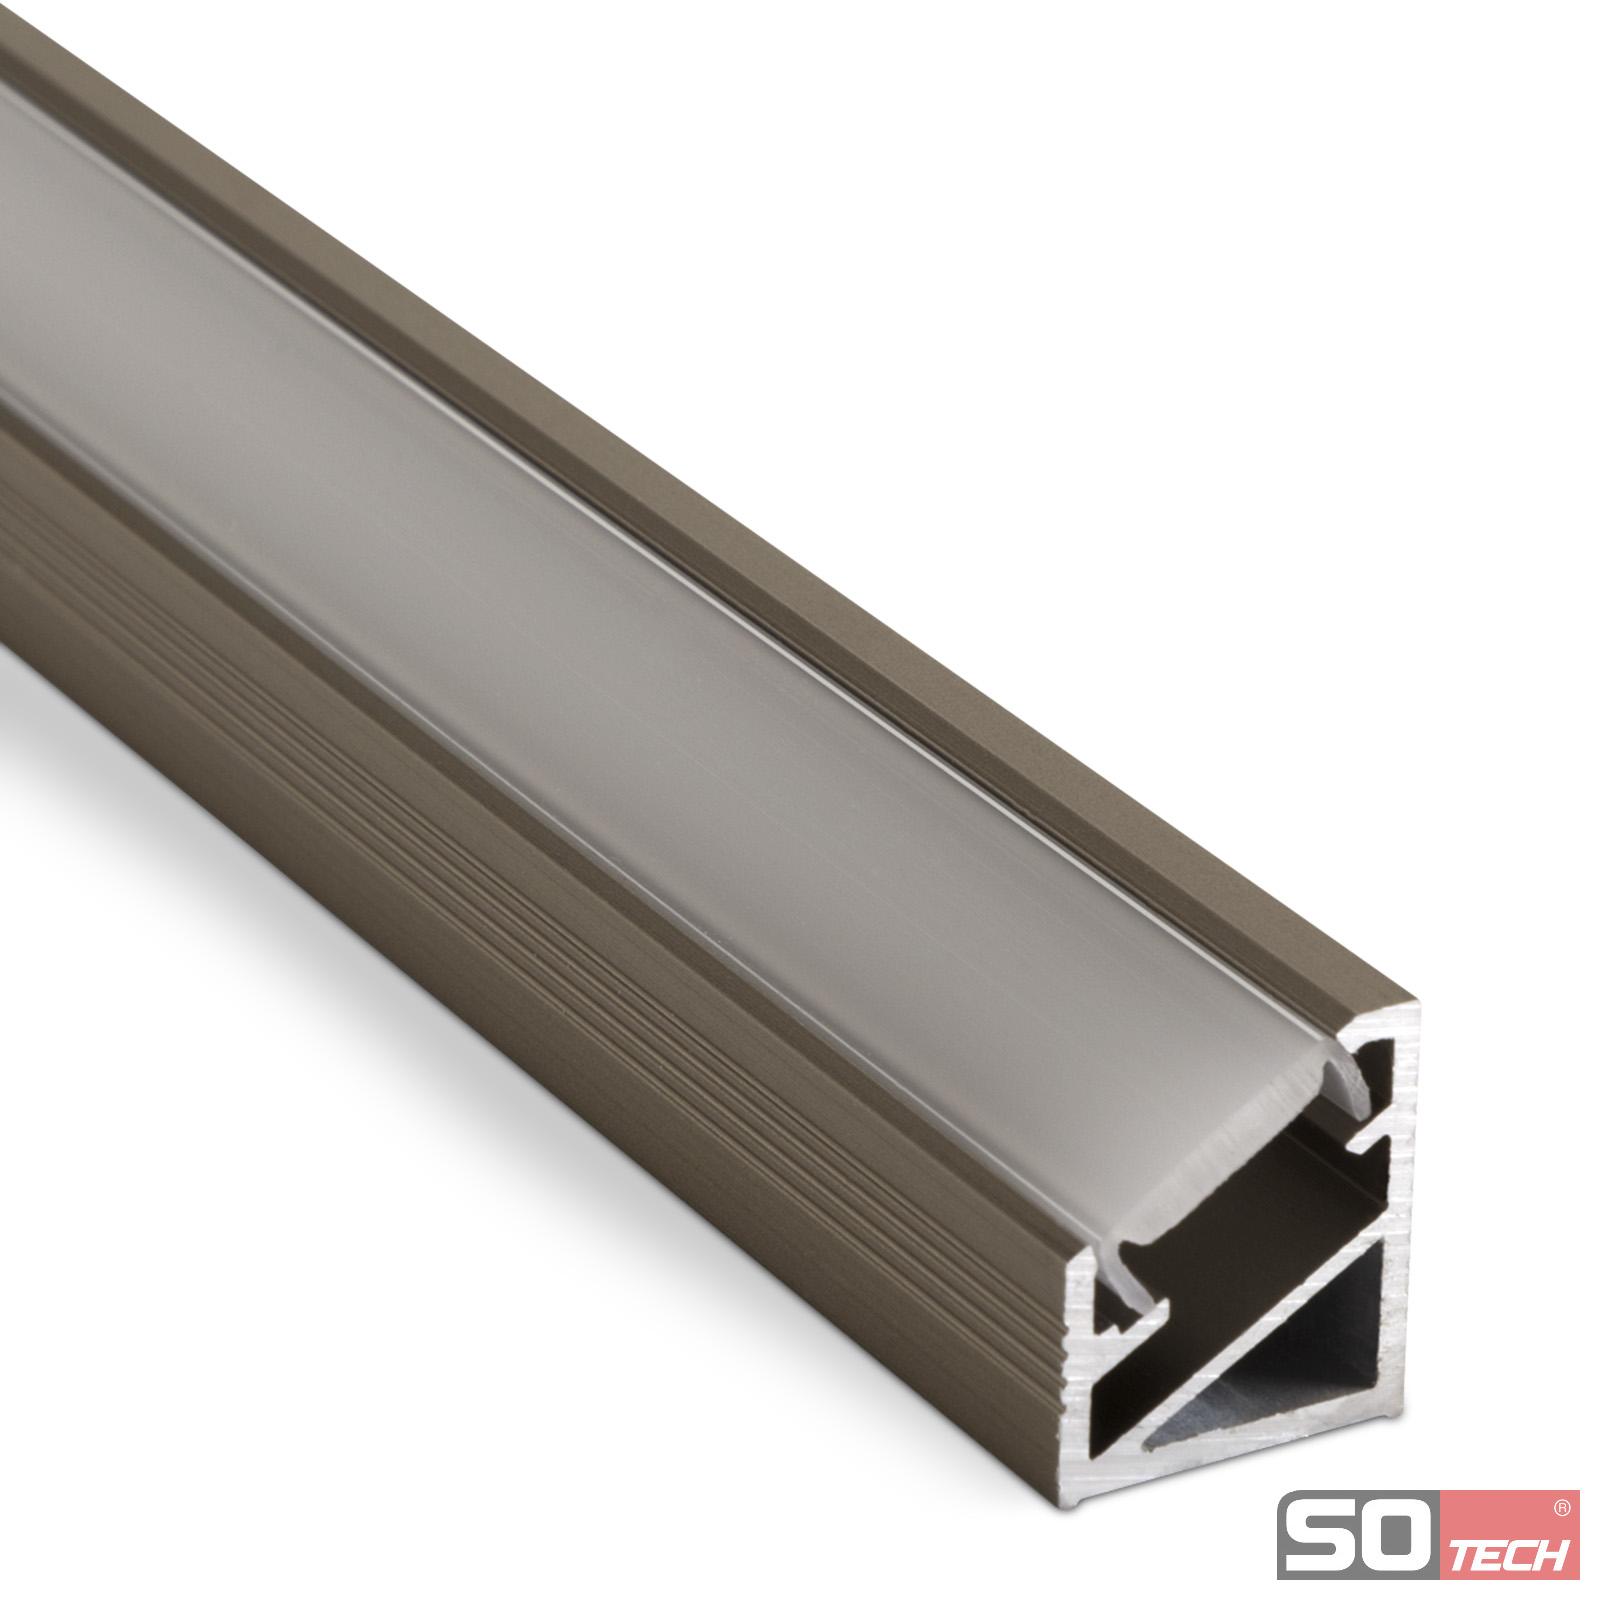 Super LED Profil 66 Profilleiste Profil Set geschlossen Kabeldurchlass OU67